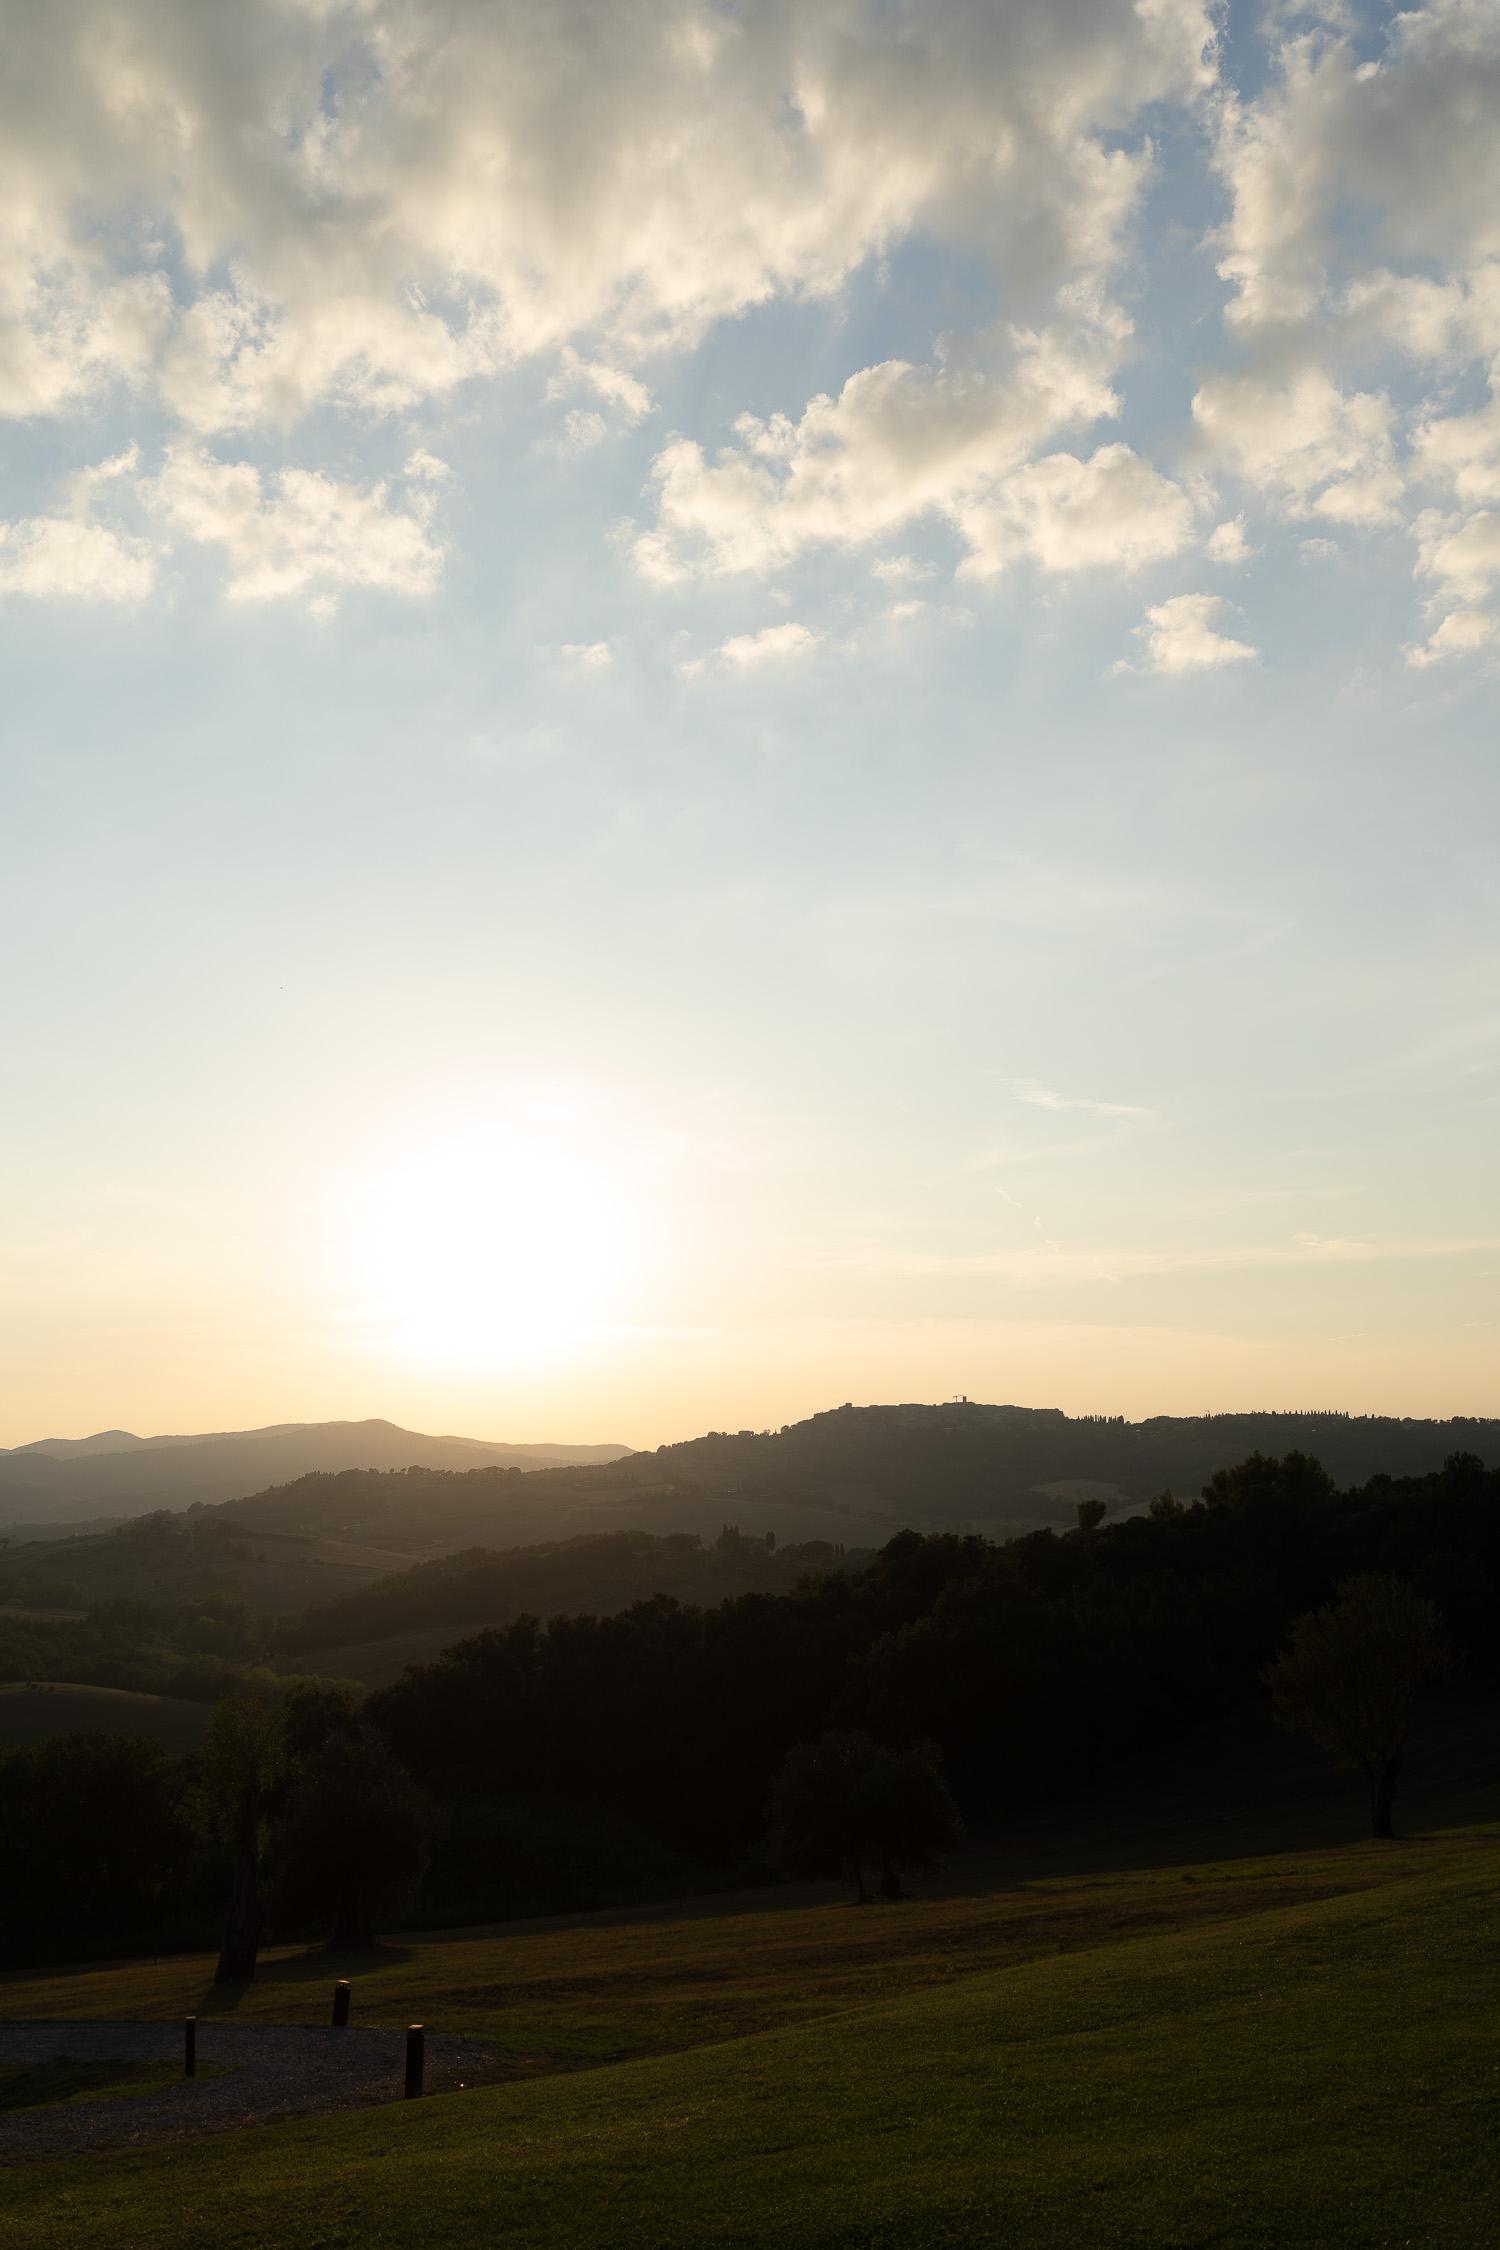 Tuscany-landscape-at-sunset-01862.jpg